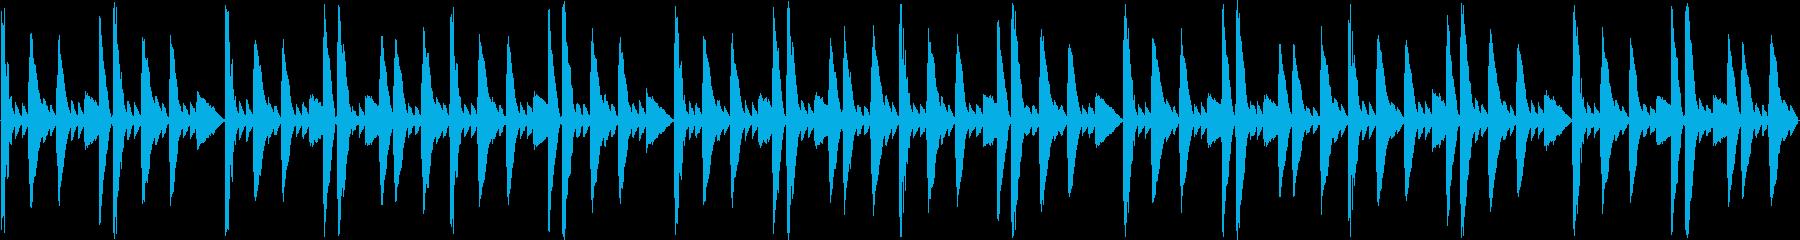 【超シンプル】セレクト(選択)画面の再生済みの波形